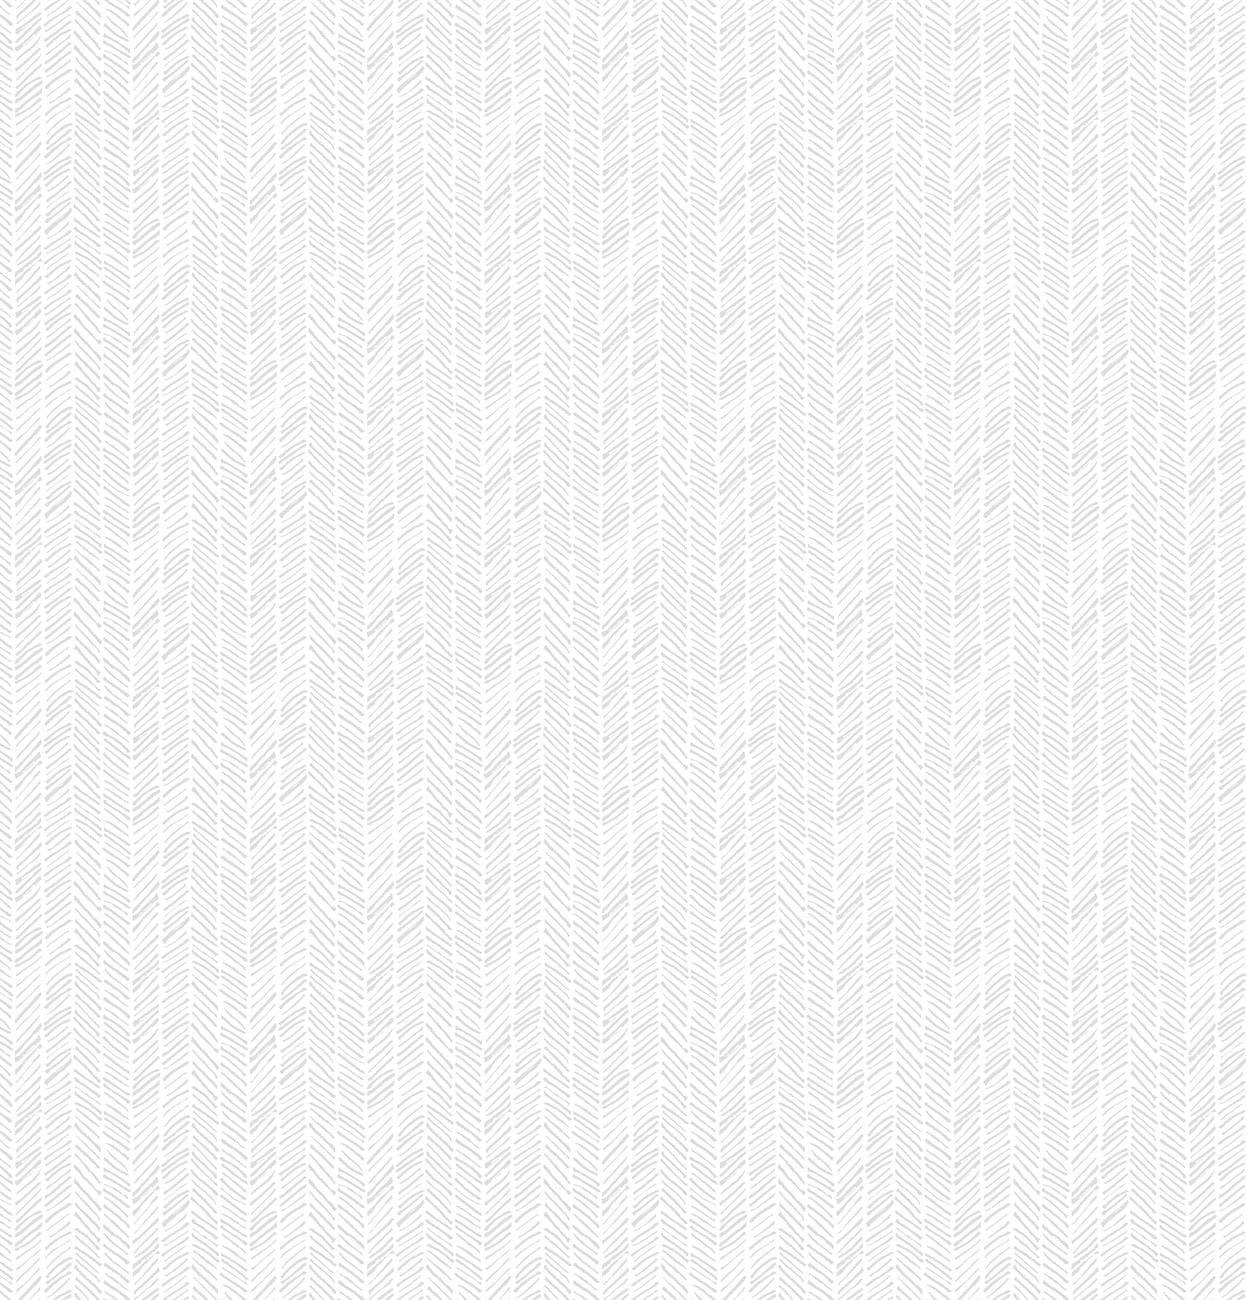 Papel de Parede Modern Maison Listras Invertidas MM557903 - Rolo: 10m x 0,52m